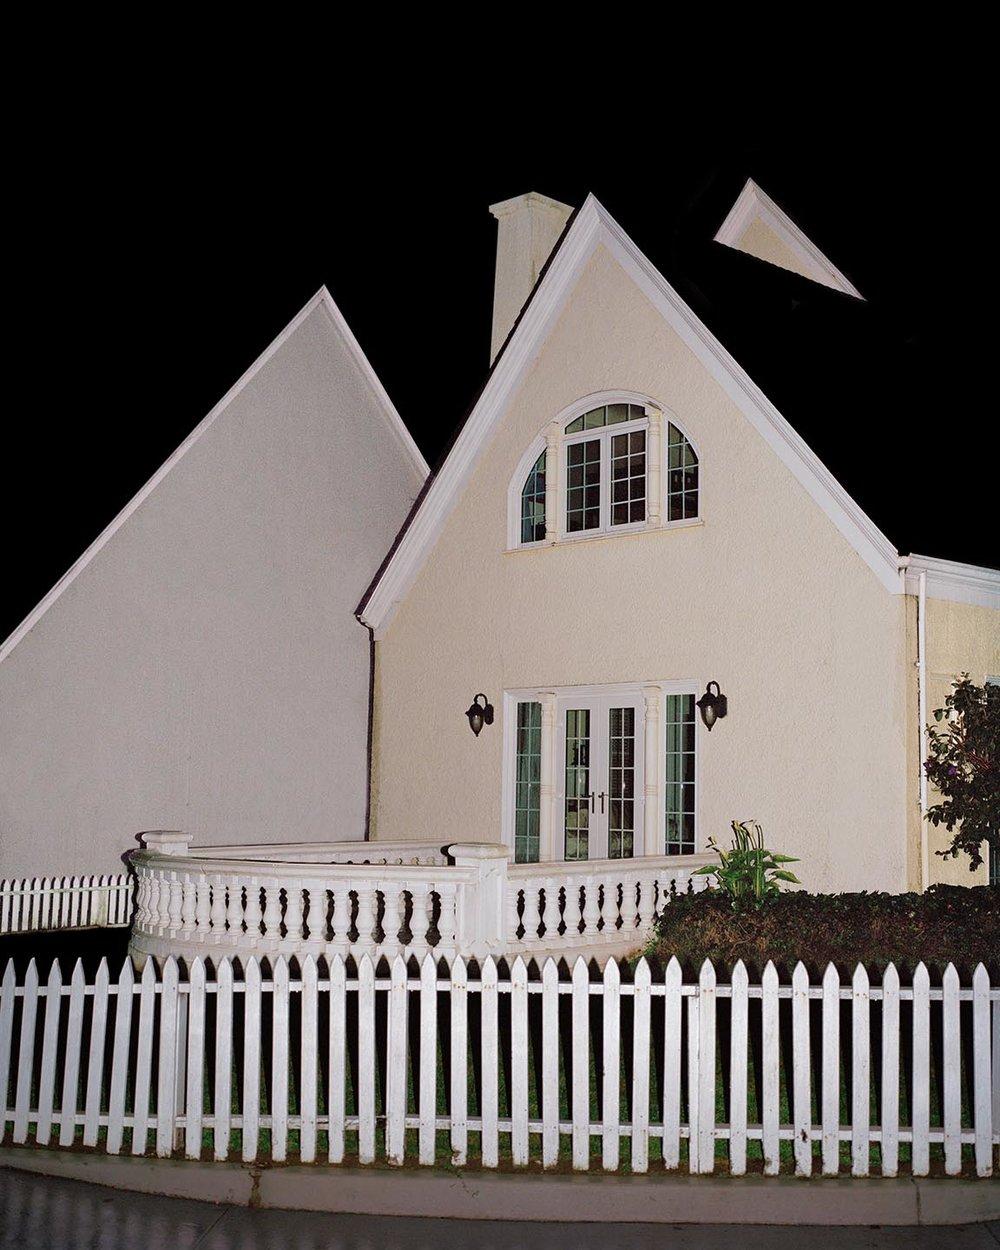 twohouses.jpg